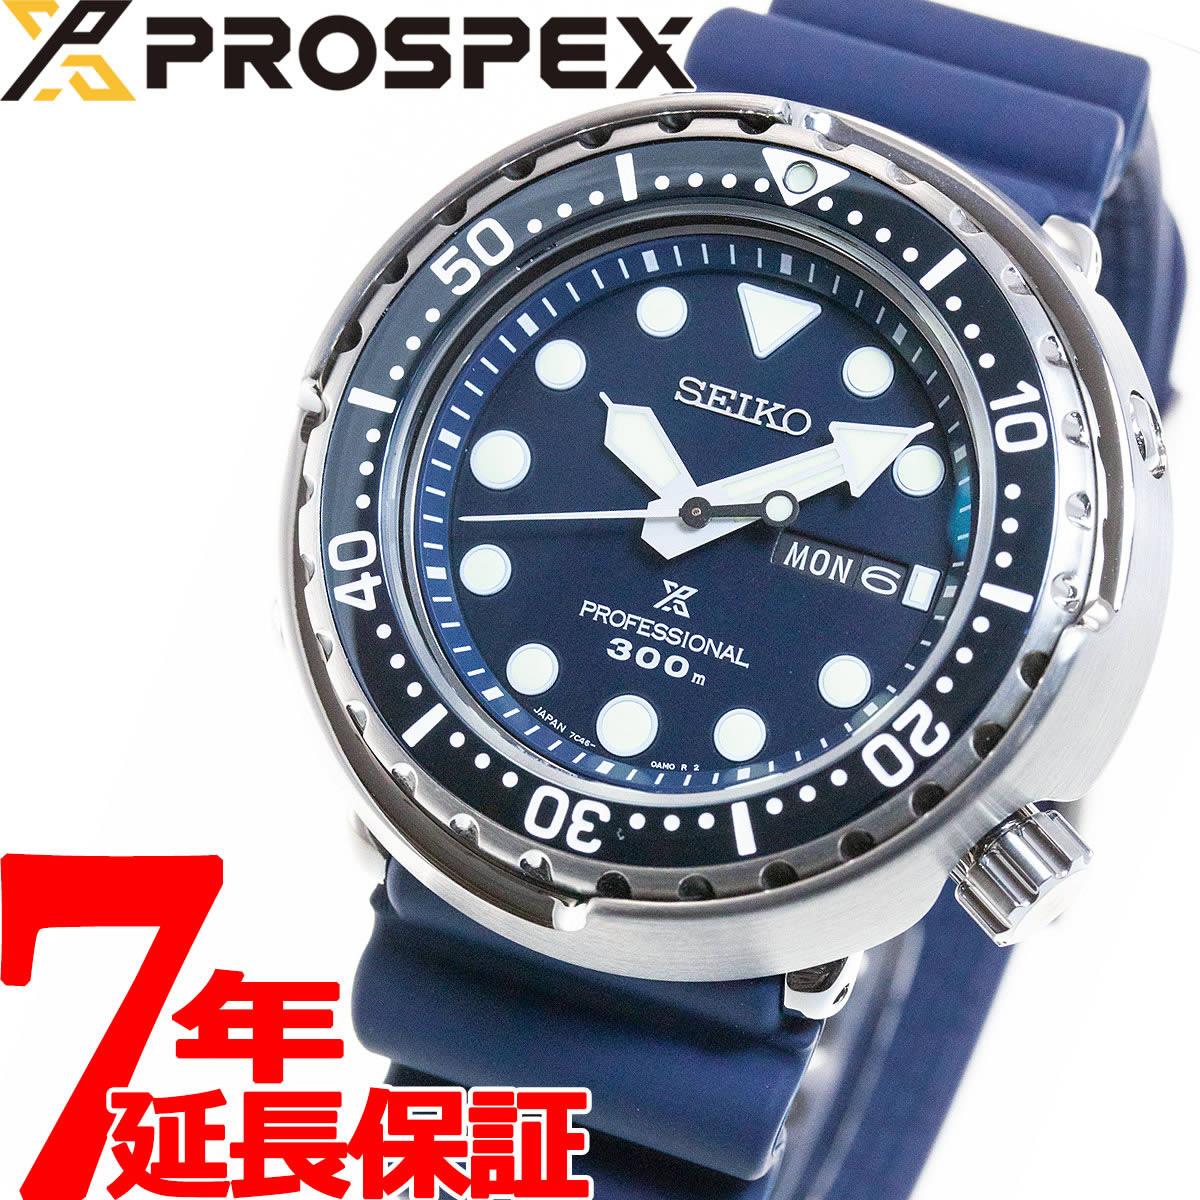 腕時計, メンズ腕時計 18037182359 SEIKO PROSPEX SBBN0432020